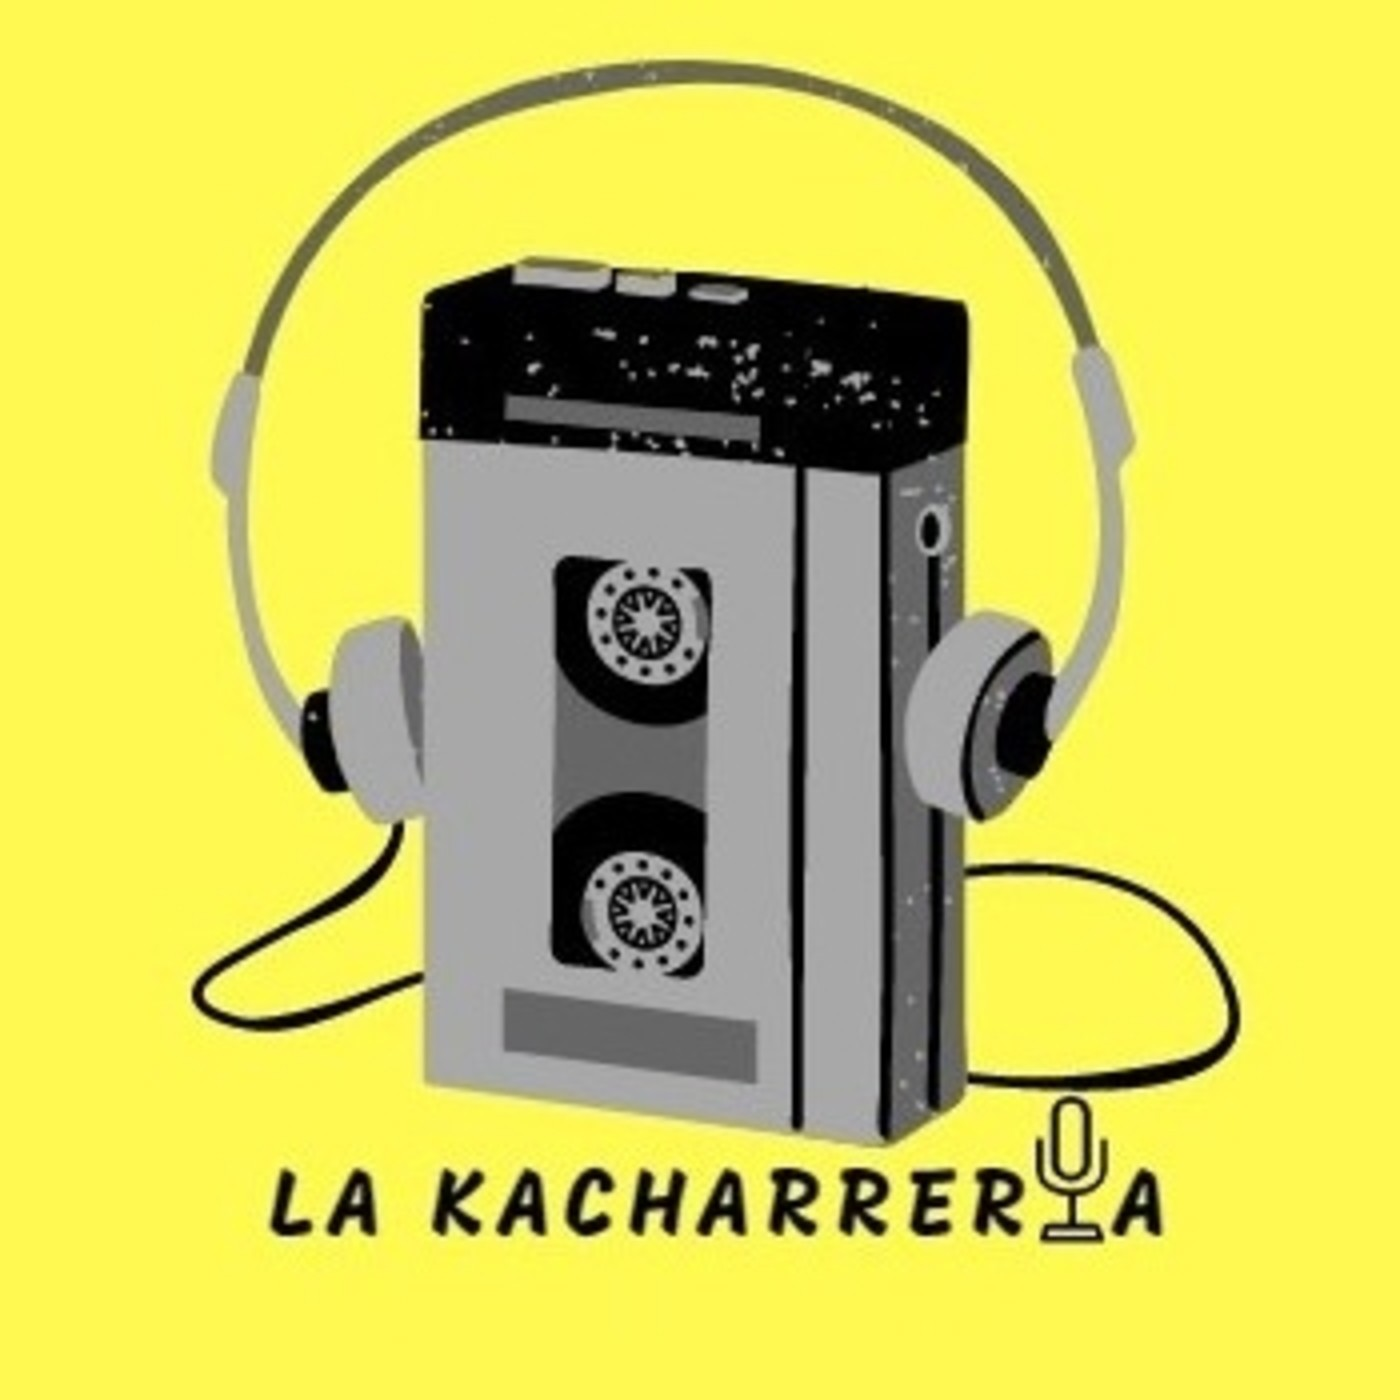 La Kacharrería - Komarca FM - Programa 102.